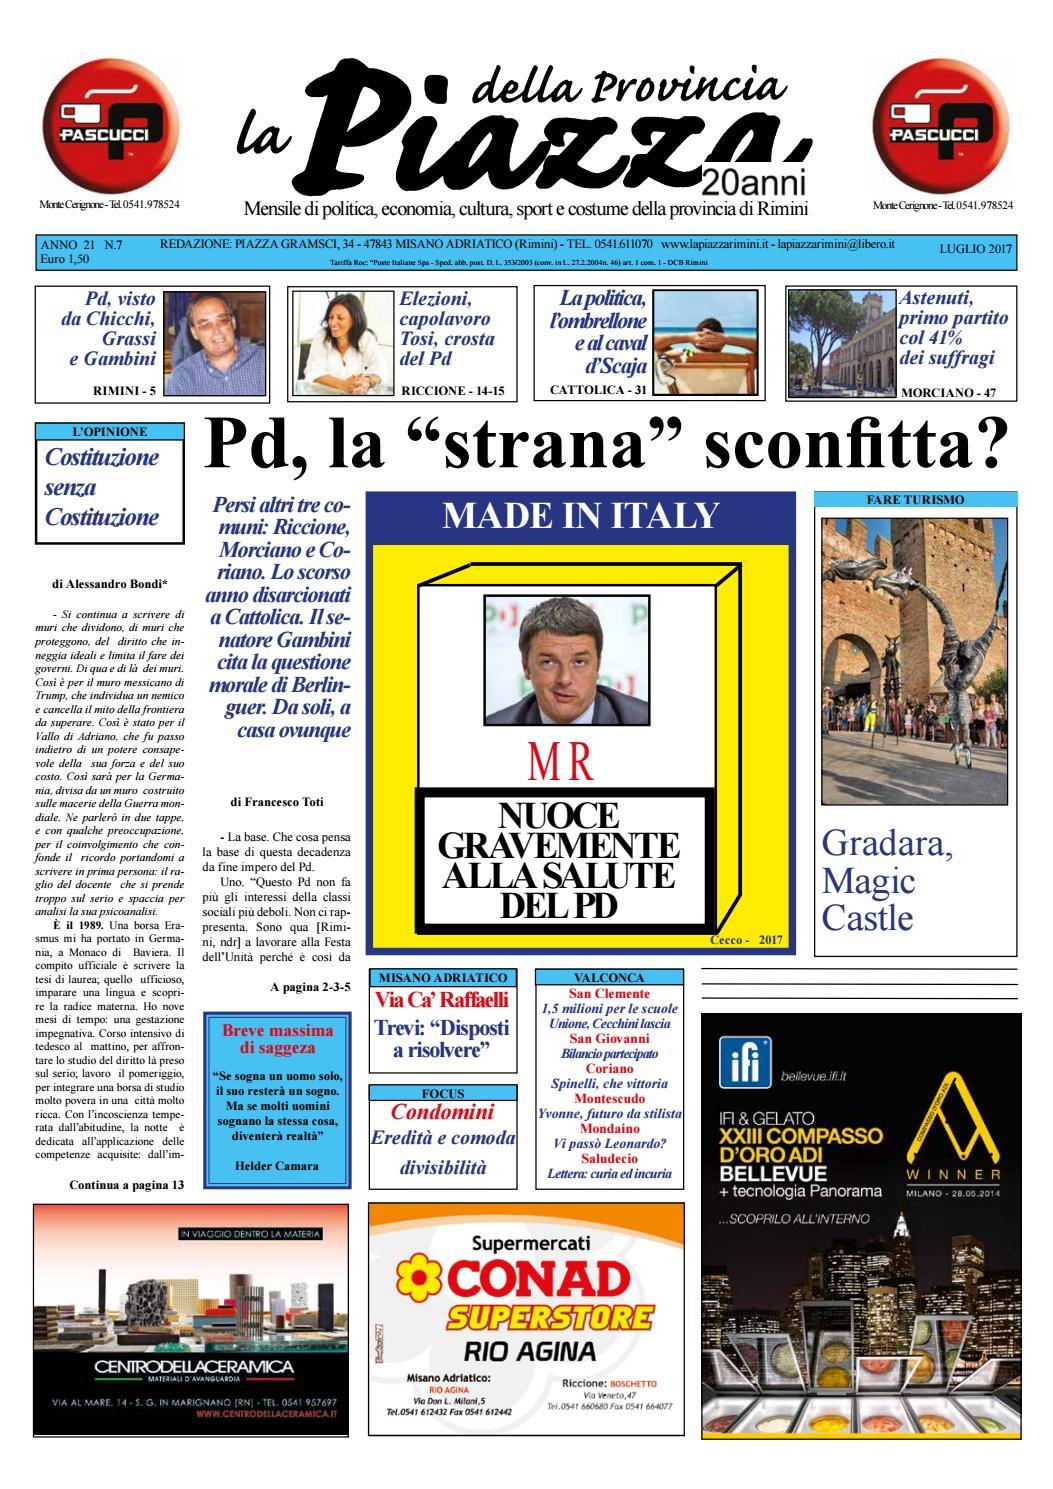 Luglio 2017 - La Piazza Rimini by La Piazza della Provincia - issuu 0d773296d8a7